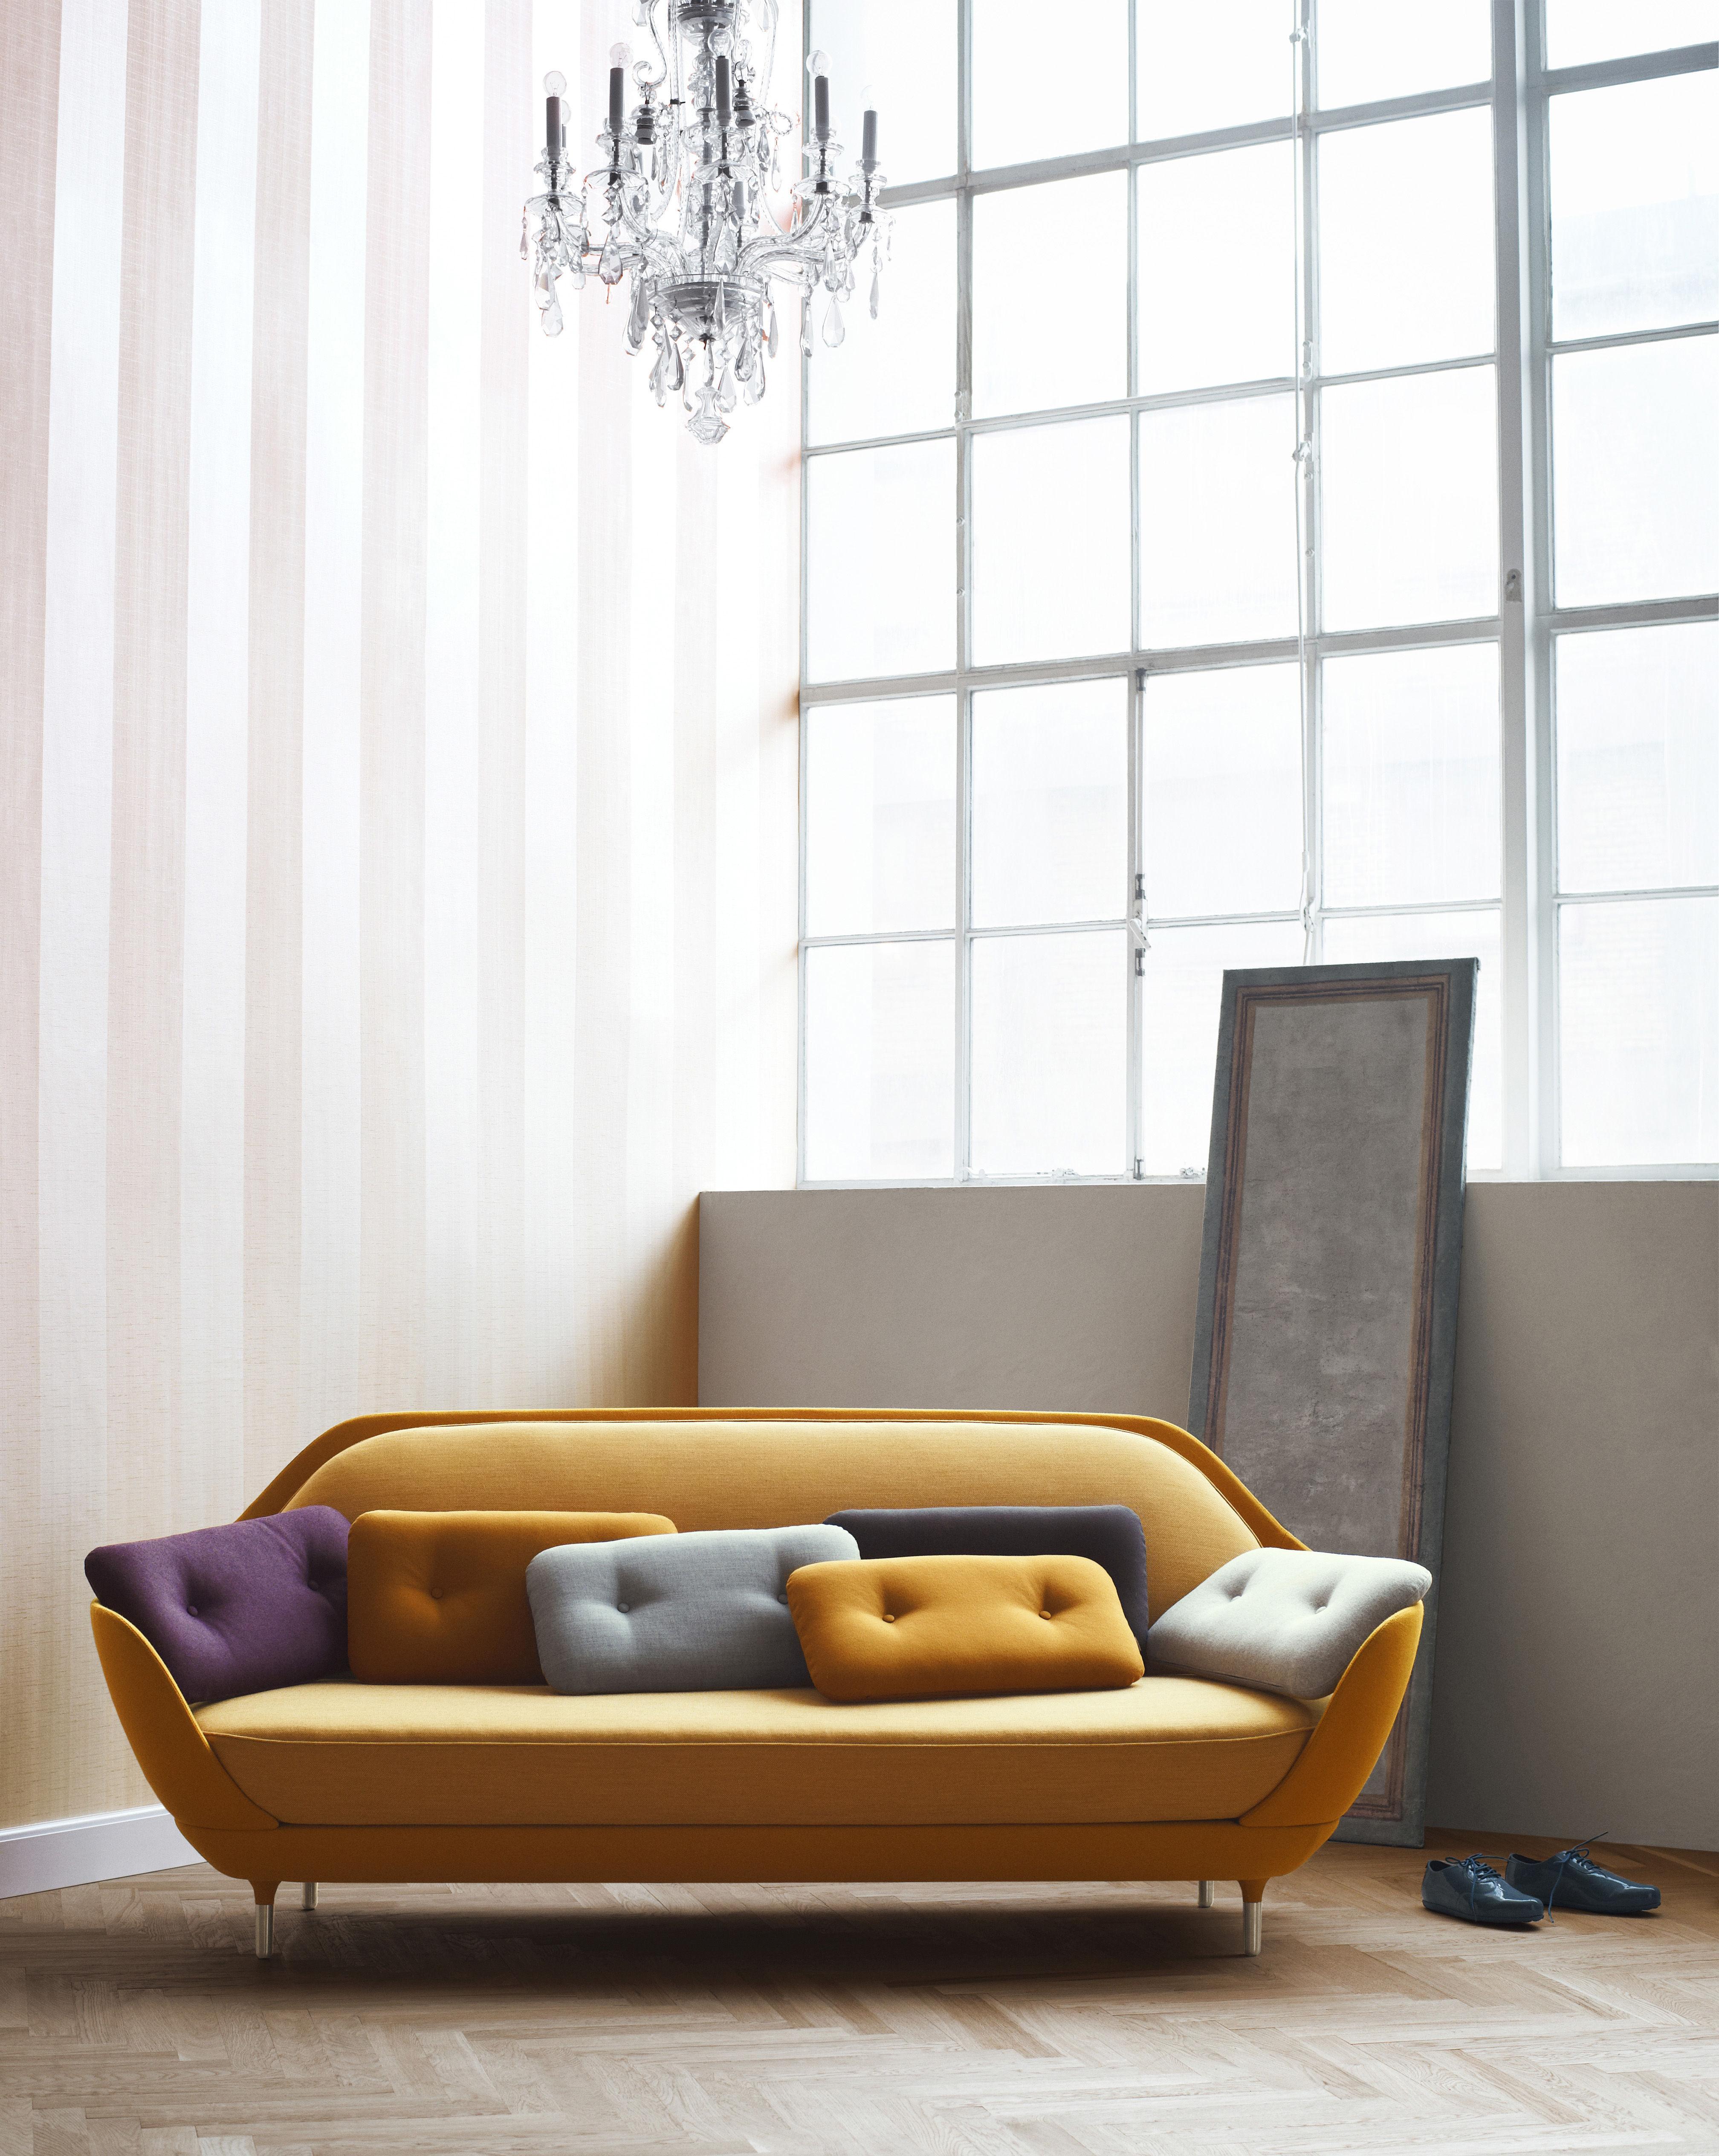 favn l 221 cm fritz hansen sofa. Black Bedroom Furniture Sets. Home Design Ideas